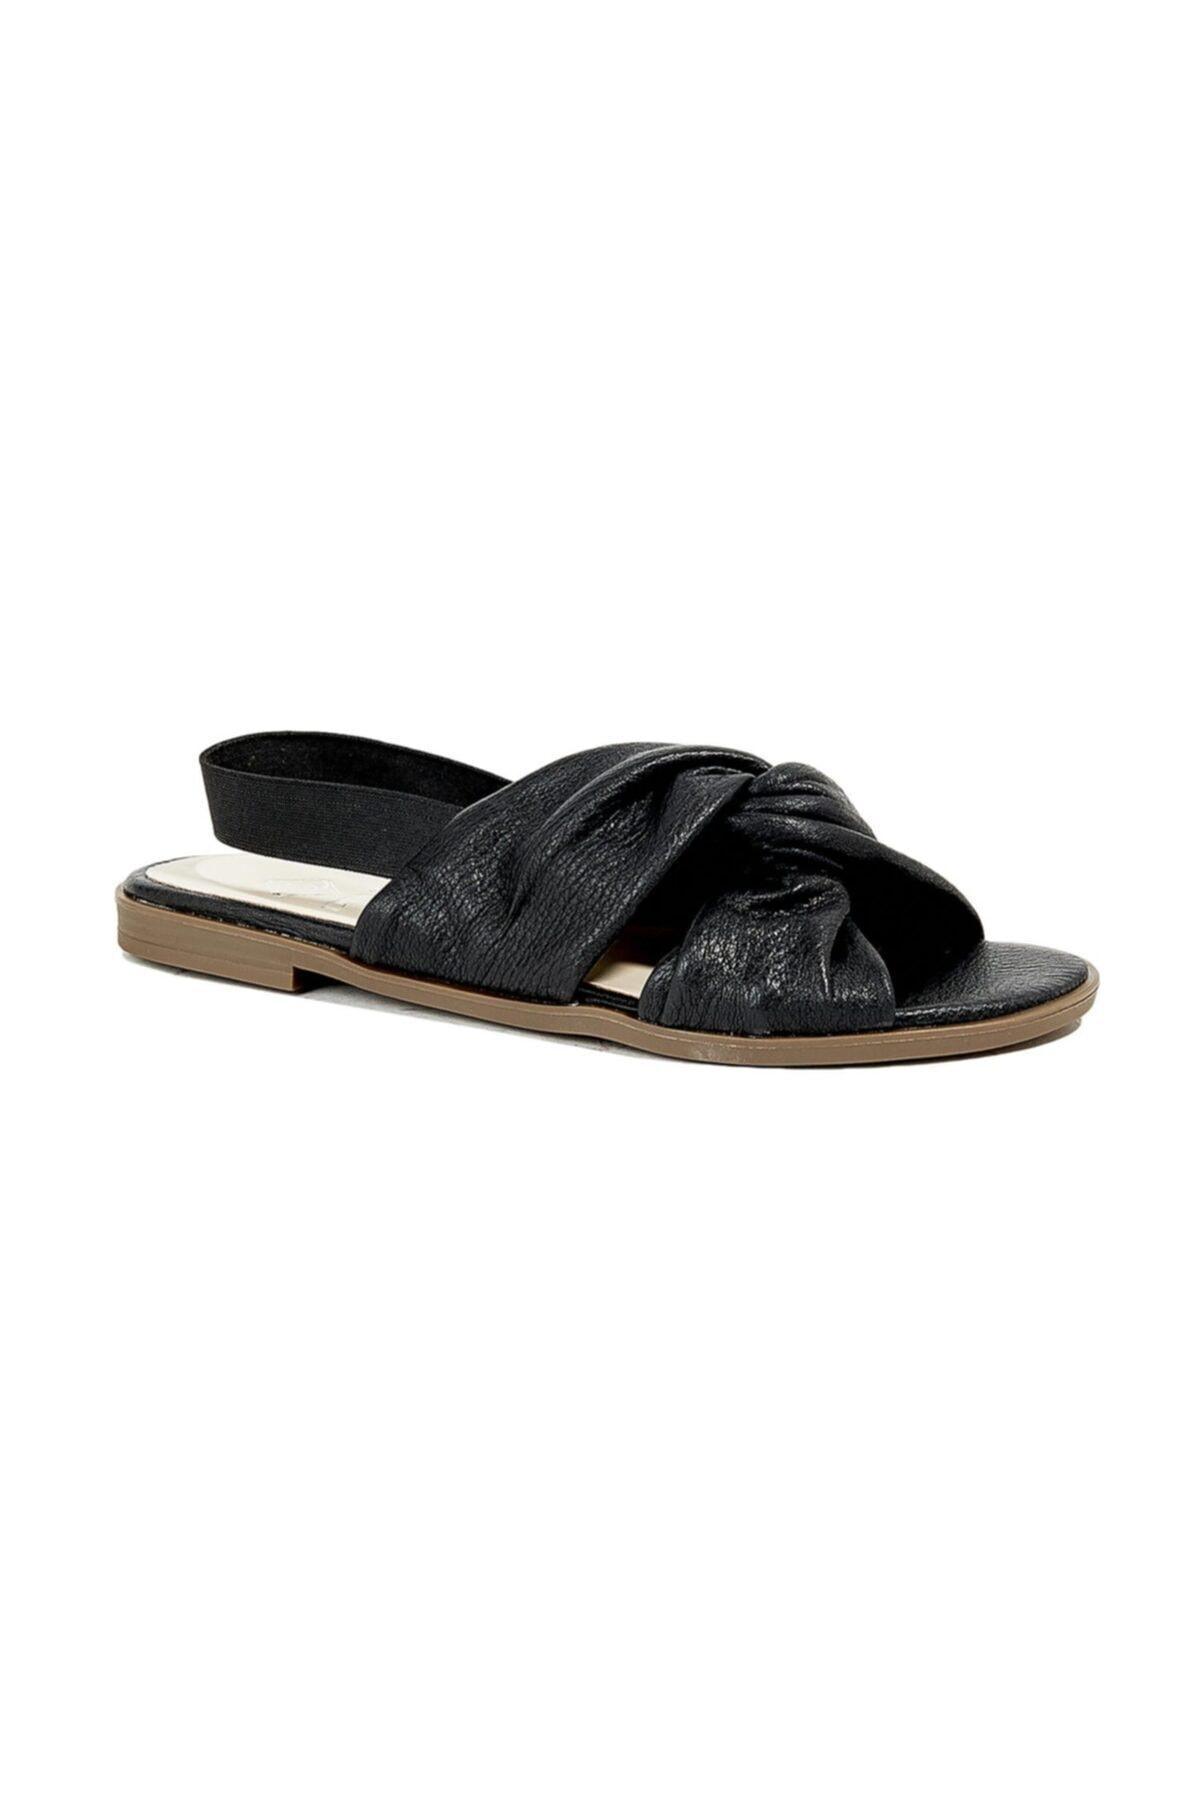 Desa Charina Kadın Deri Sandalet 1